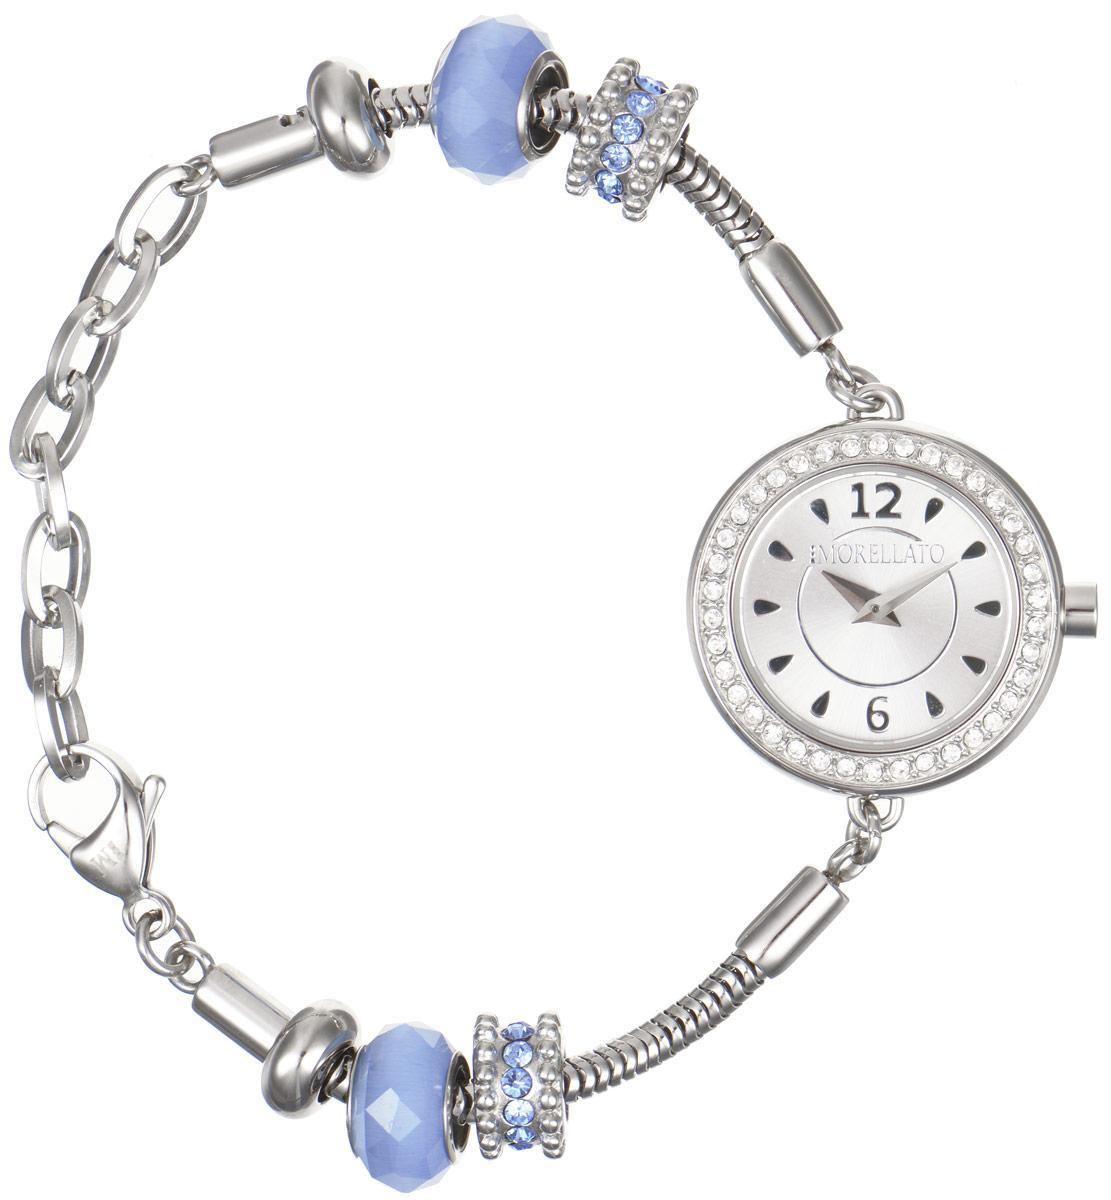 Часы наручные женские Morellato, цвет: серебристый. R0153122542R0153122542Изысканные женские часы Morellato изготовлены из высокотехнологичной гипоаллергенной нержавеющей стали. Ремешок выполнен из нержавеющей стали с PVD-покрытием и оснащен практичной застежкой-карабином. Кварцевый механизм имеет степень влагозащиты равную 3 Bar и дополнен часовой и минутной стрелками. Корпус часов украшен ободком из цирконов. Браслет выполнен из соединяющихся между собой элементов в стиле Пандора, инкрустированных цирконами. Для того чтобы защитить циферблат от повреждений в часах используется высокопрочное минеральное стекло. На белом циферблате отметки в виде точек органично сочетаются с маленькими стрелками. Браслет комплектуется надежным и удобным в использовании замком-карабином, который позволит с легкостью снимать и надевать часы. Часы упакованы в фирменную коробку и дополнительно в подарочную коробку с названием бренда. Часы Morellato подчеркнут изящность женской руки и отменное чувство стиля у их обладательницы.